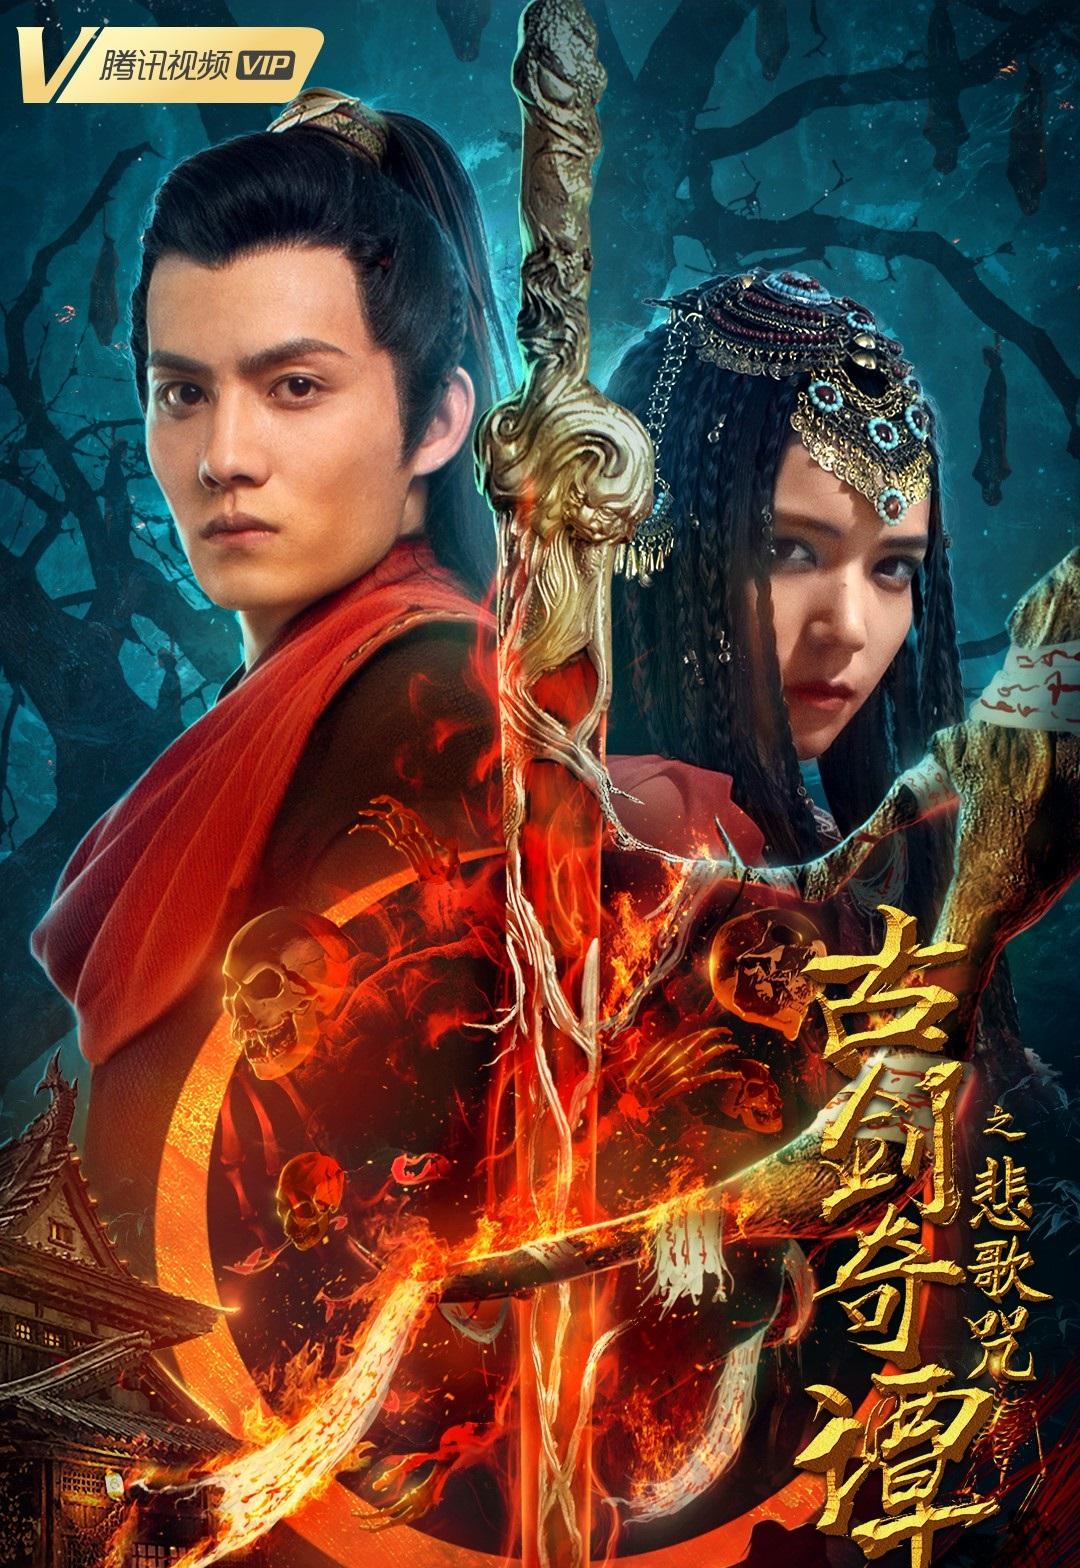 Gu Jian Qi Tan Zhi Bei Ge Zhou (2021) Chinese 720p HDRip x264 AAC 500MB ESub